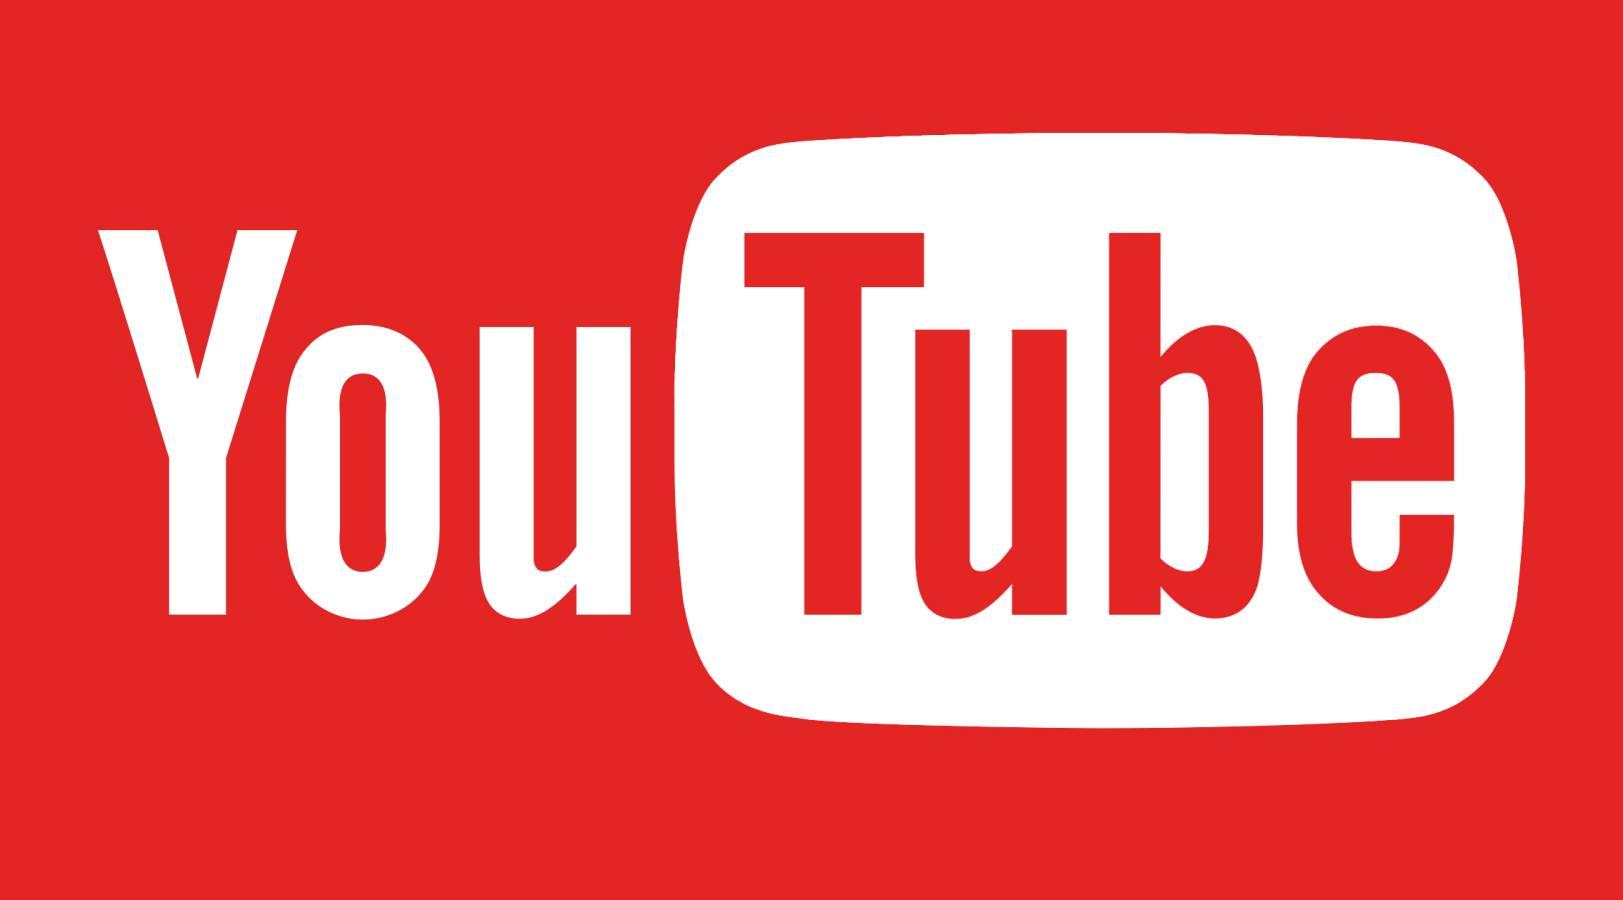 YouTube Actualizarea Noua Disponibila pentru Telefoane, Tablete